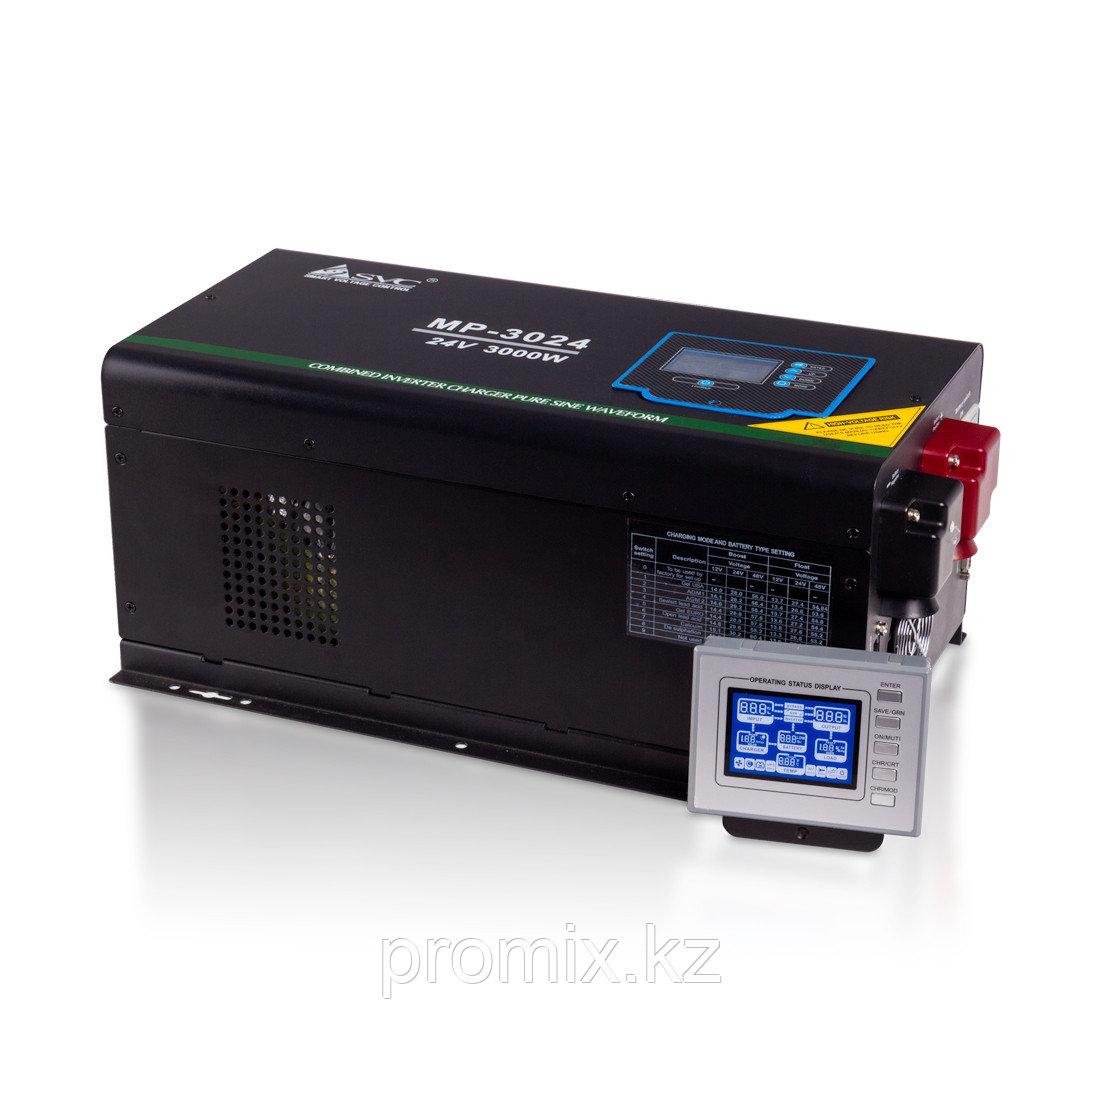 Преобразователь напряжения (инвертор) SVC MP-3024, 24В>220В, 3000Вт.